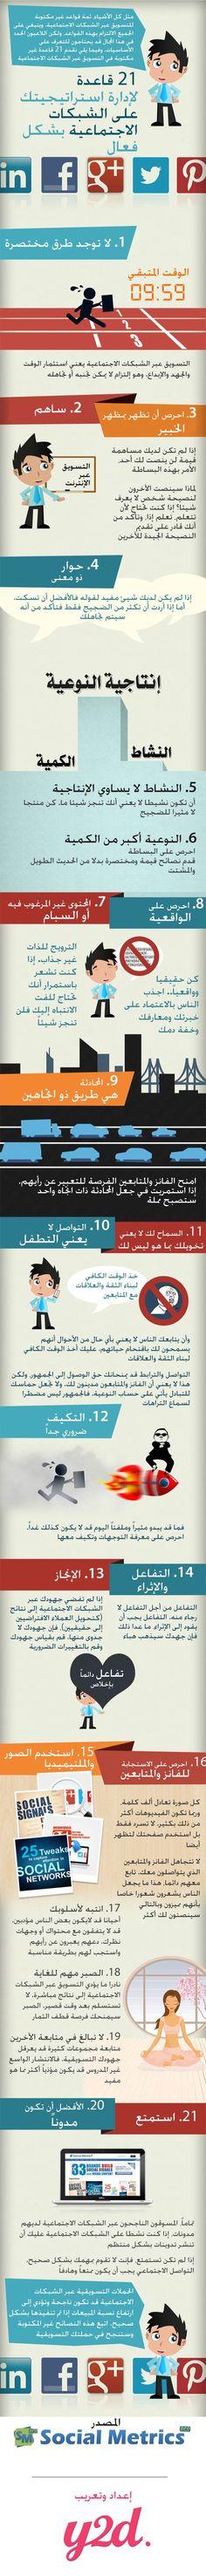 cf2afb0dd #انفوجرافيك كيف تدير استراتيجية #سوشيال_ميديا فعالة 21 نصيحة مهمة لا  تتجاهلها #التسويق_الالكتروني